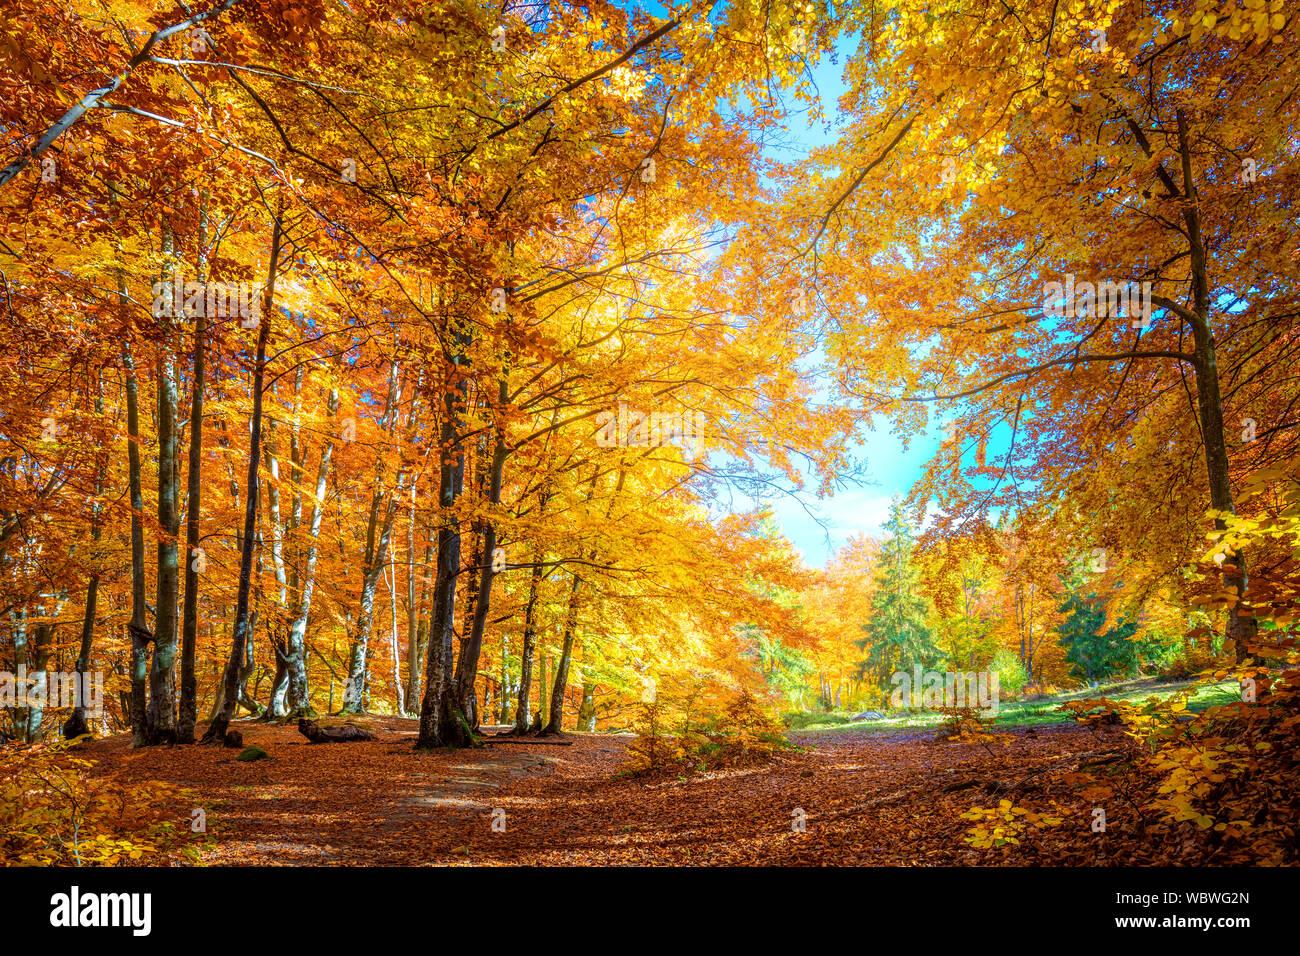 foto de Journée ensoleillée dans la forêt d'automne, jaune d'orangers ...